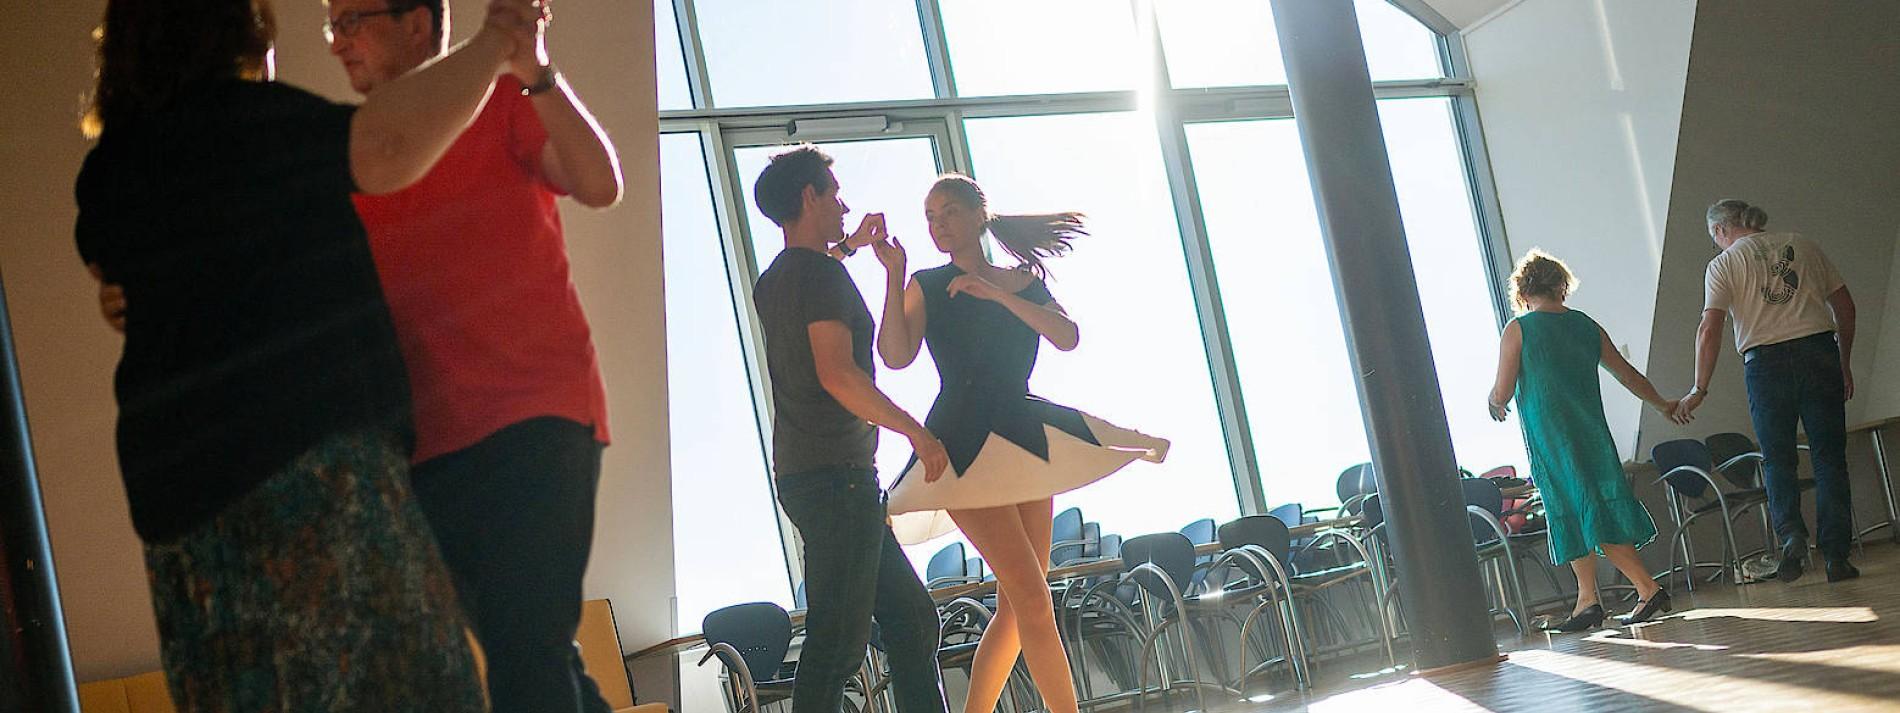 Den Tango bitte nur mit dem eigenen Partner tanzen!